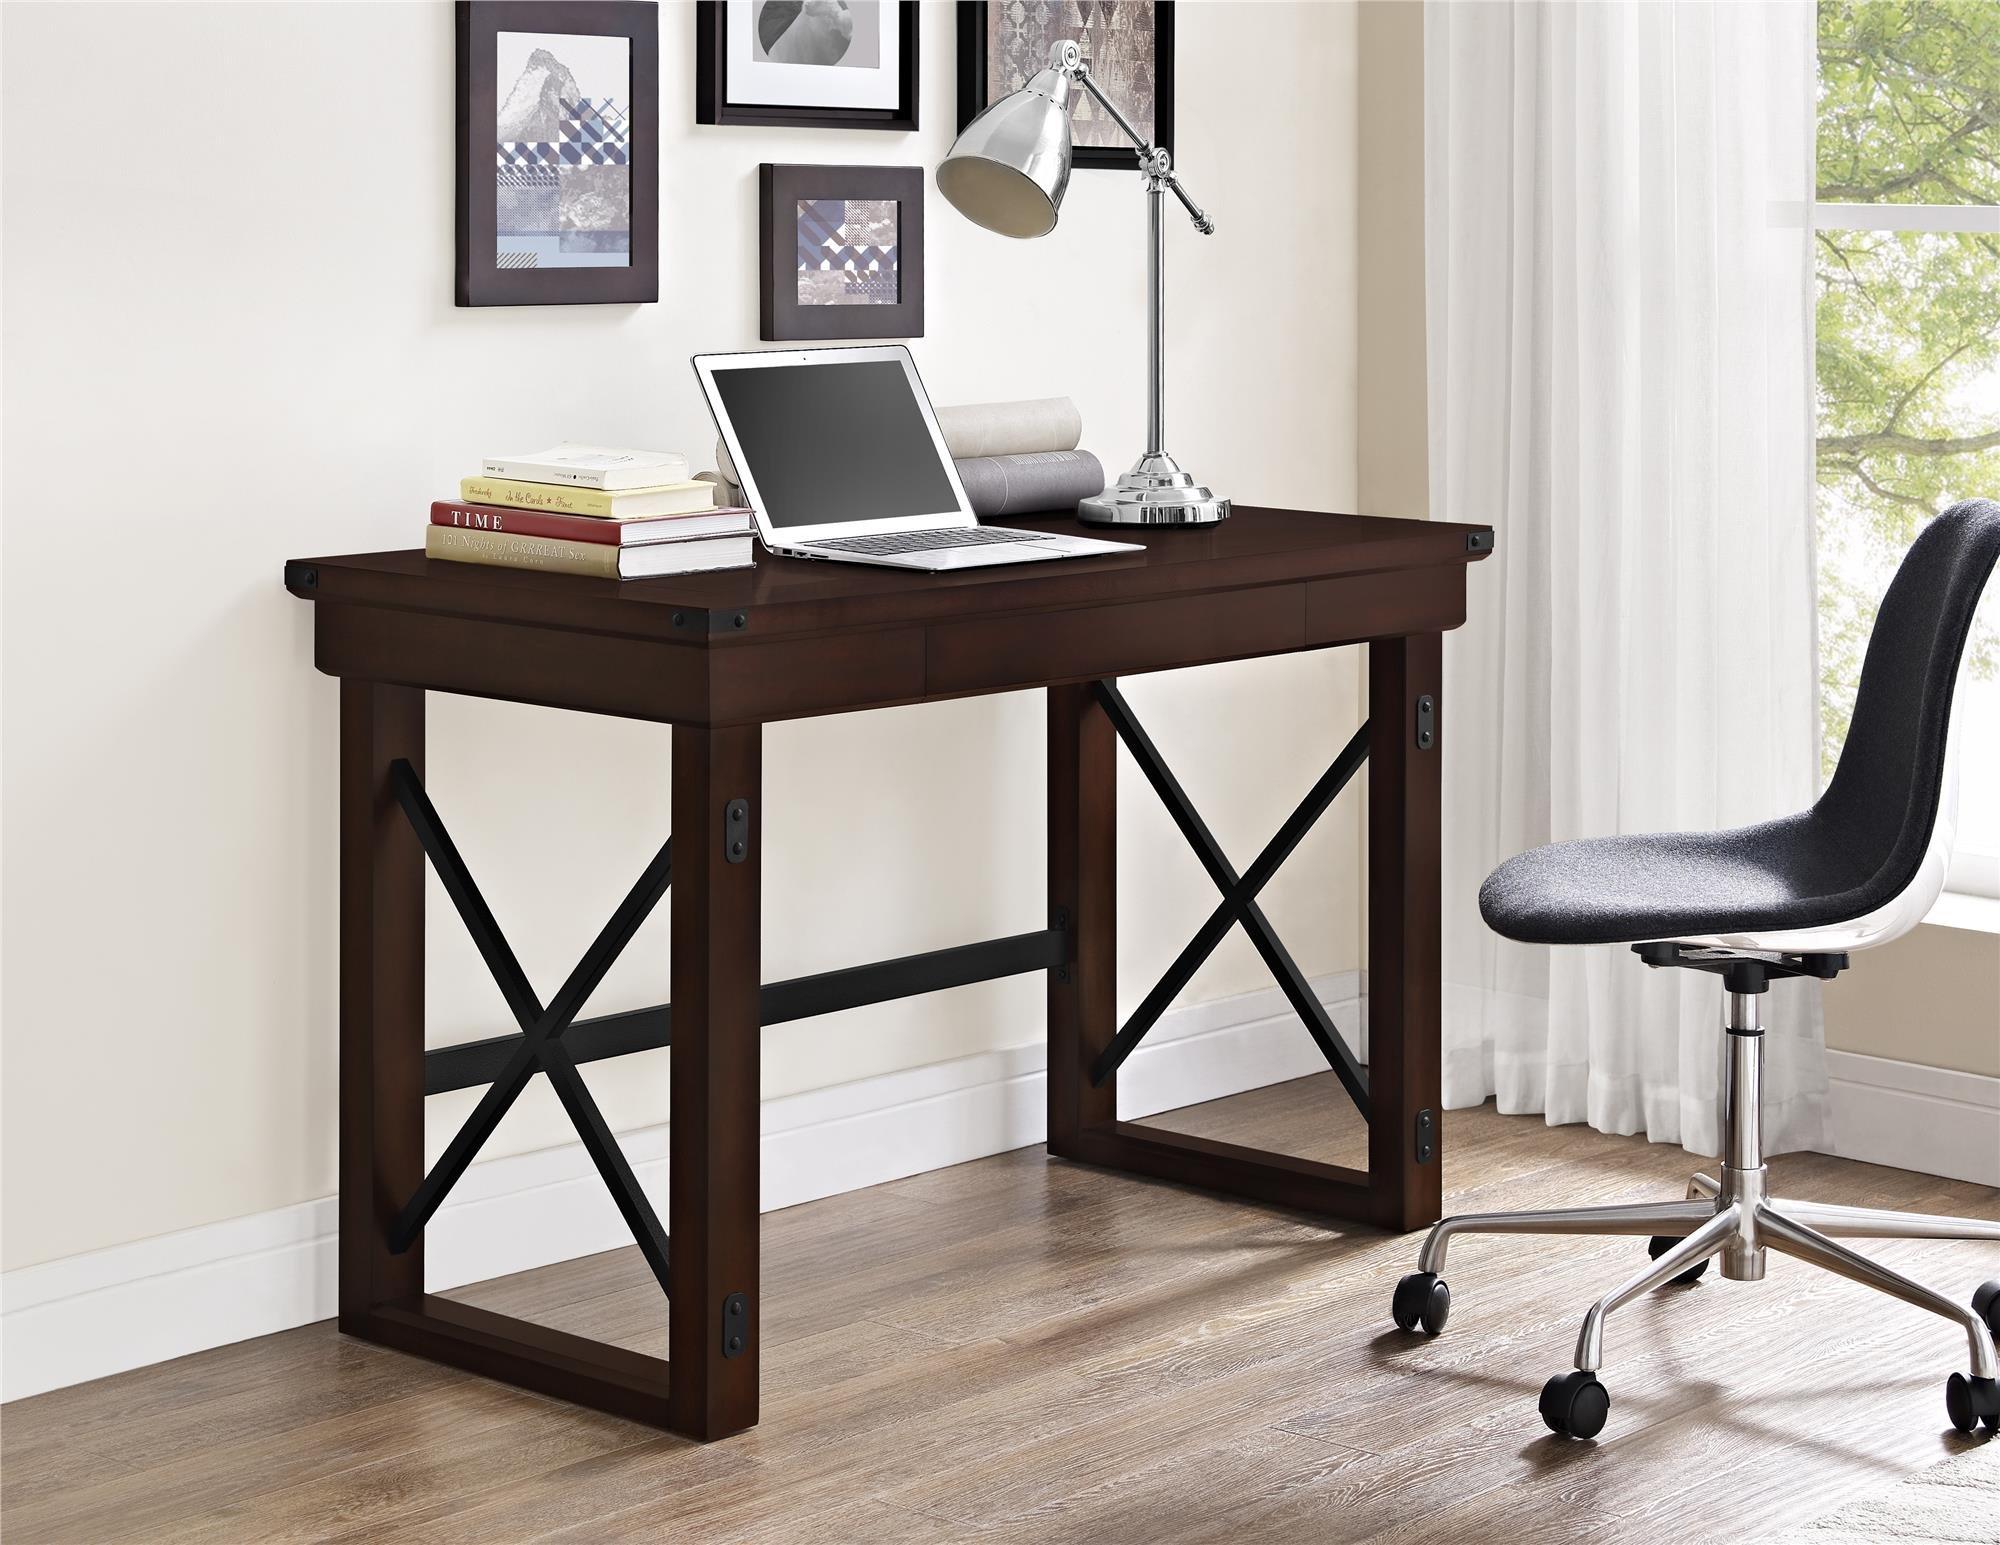 Ameriwood Home Wildwood Wood Veneer  Desk, Espresso by Ameriwood Home (Image #4)